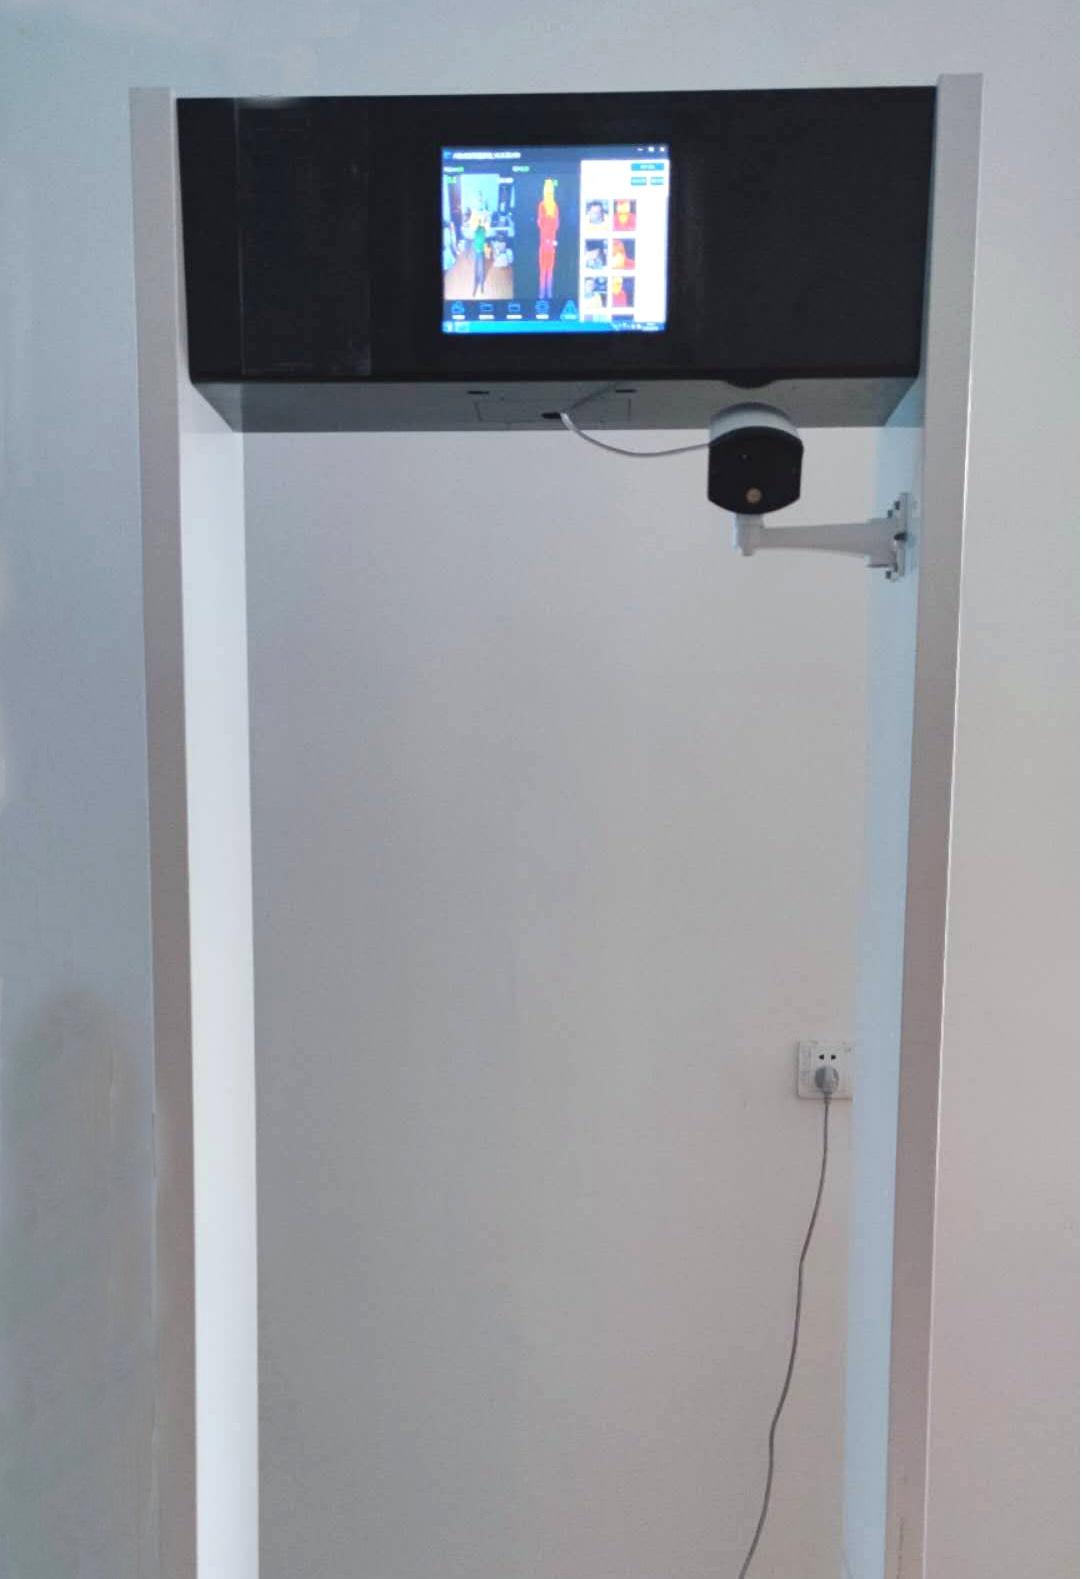 热成像测温仪 LB-107门式热成像测温仪 疫情防控测体温示例图8